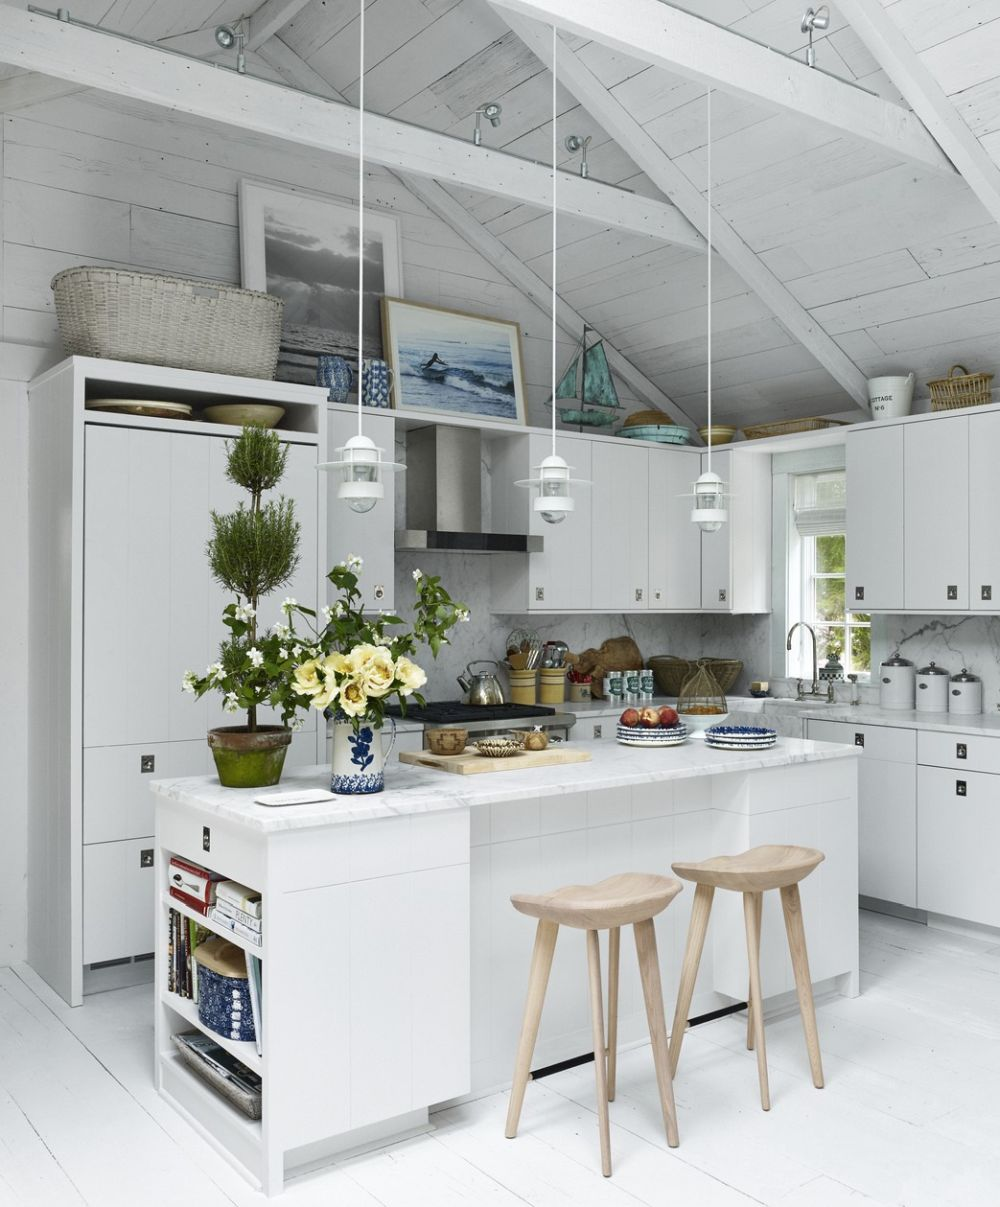 adelaparvu-com-despre-casa-de-vacanta-in-alb-si-albastru-designer-buffy-birrittella-foto-elle-decor-bjorn-wallander-5